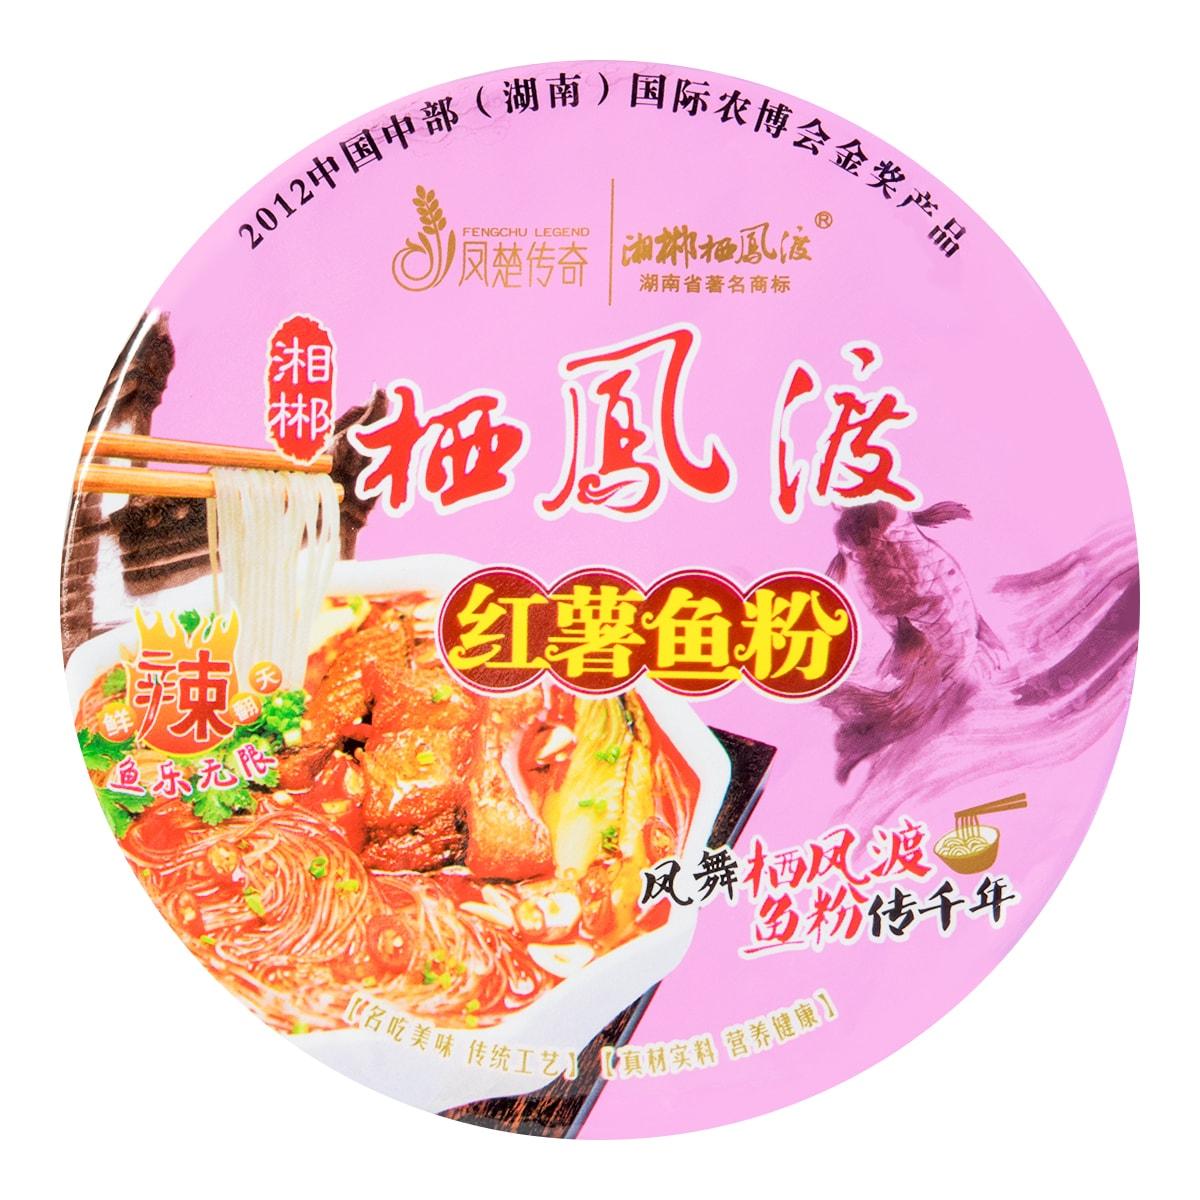 栖凤渡 桶装红薯鱼粉 122g